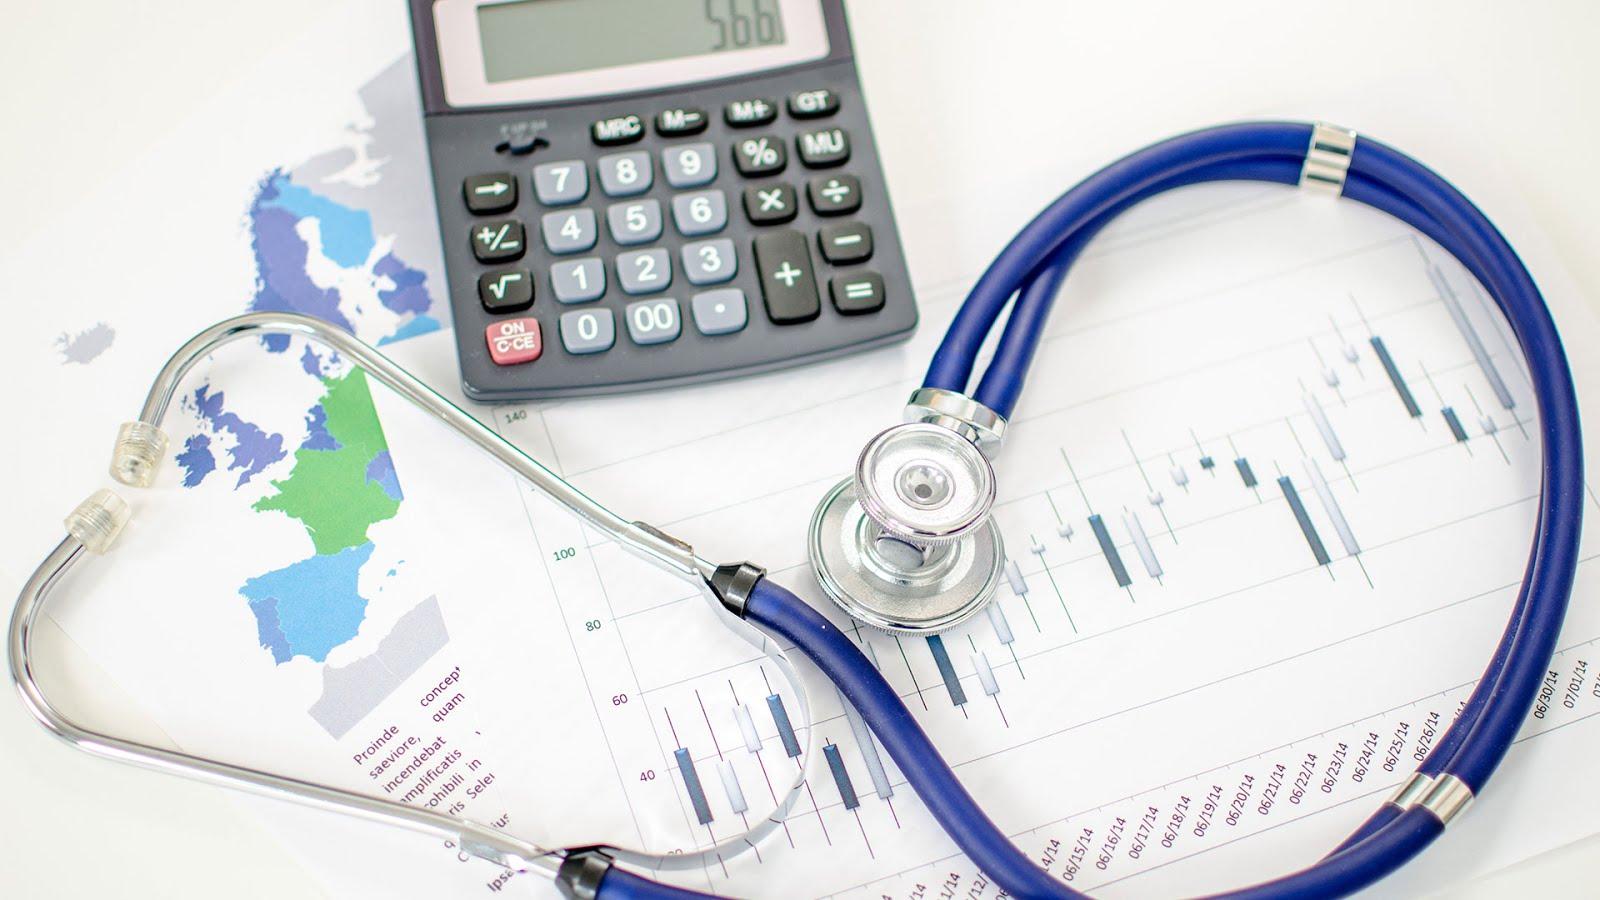 Reembolso de Plano de Saúde: Como conseguir?